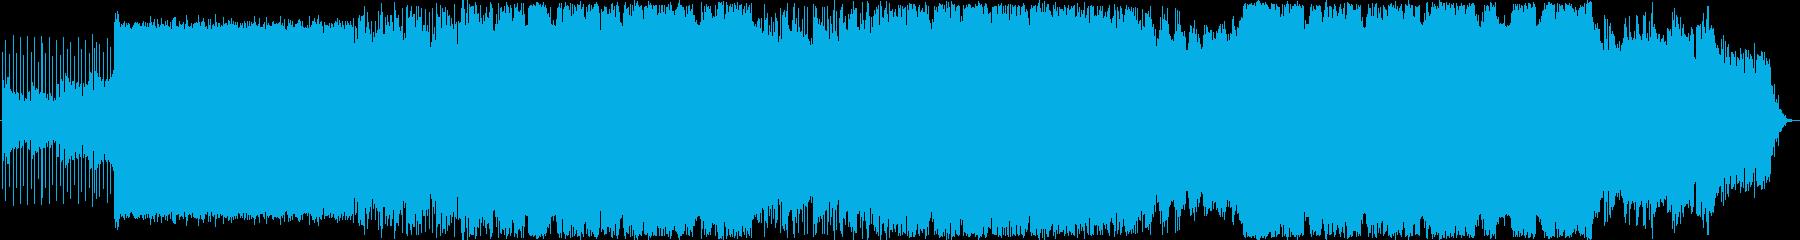 壮大なストリングスとハイトーンなボーカルの再生済みの波形